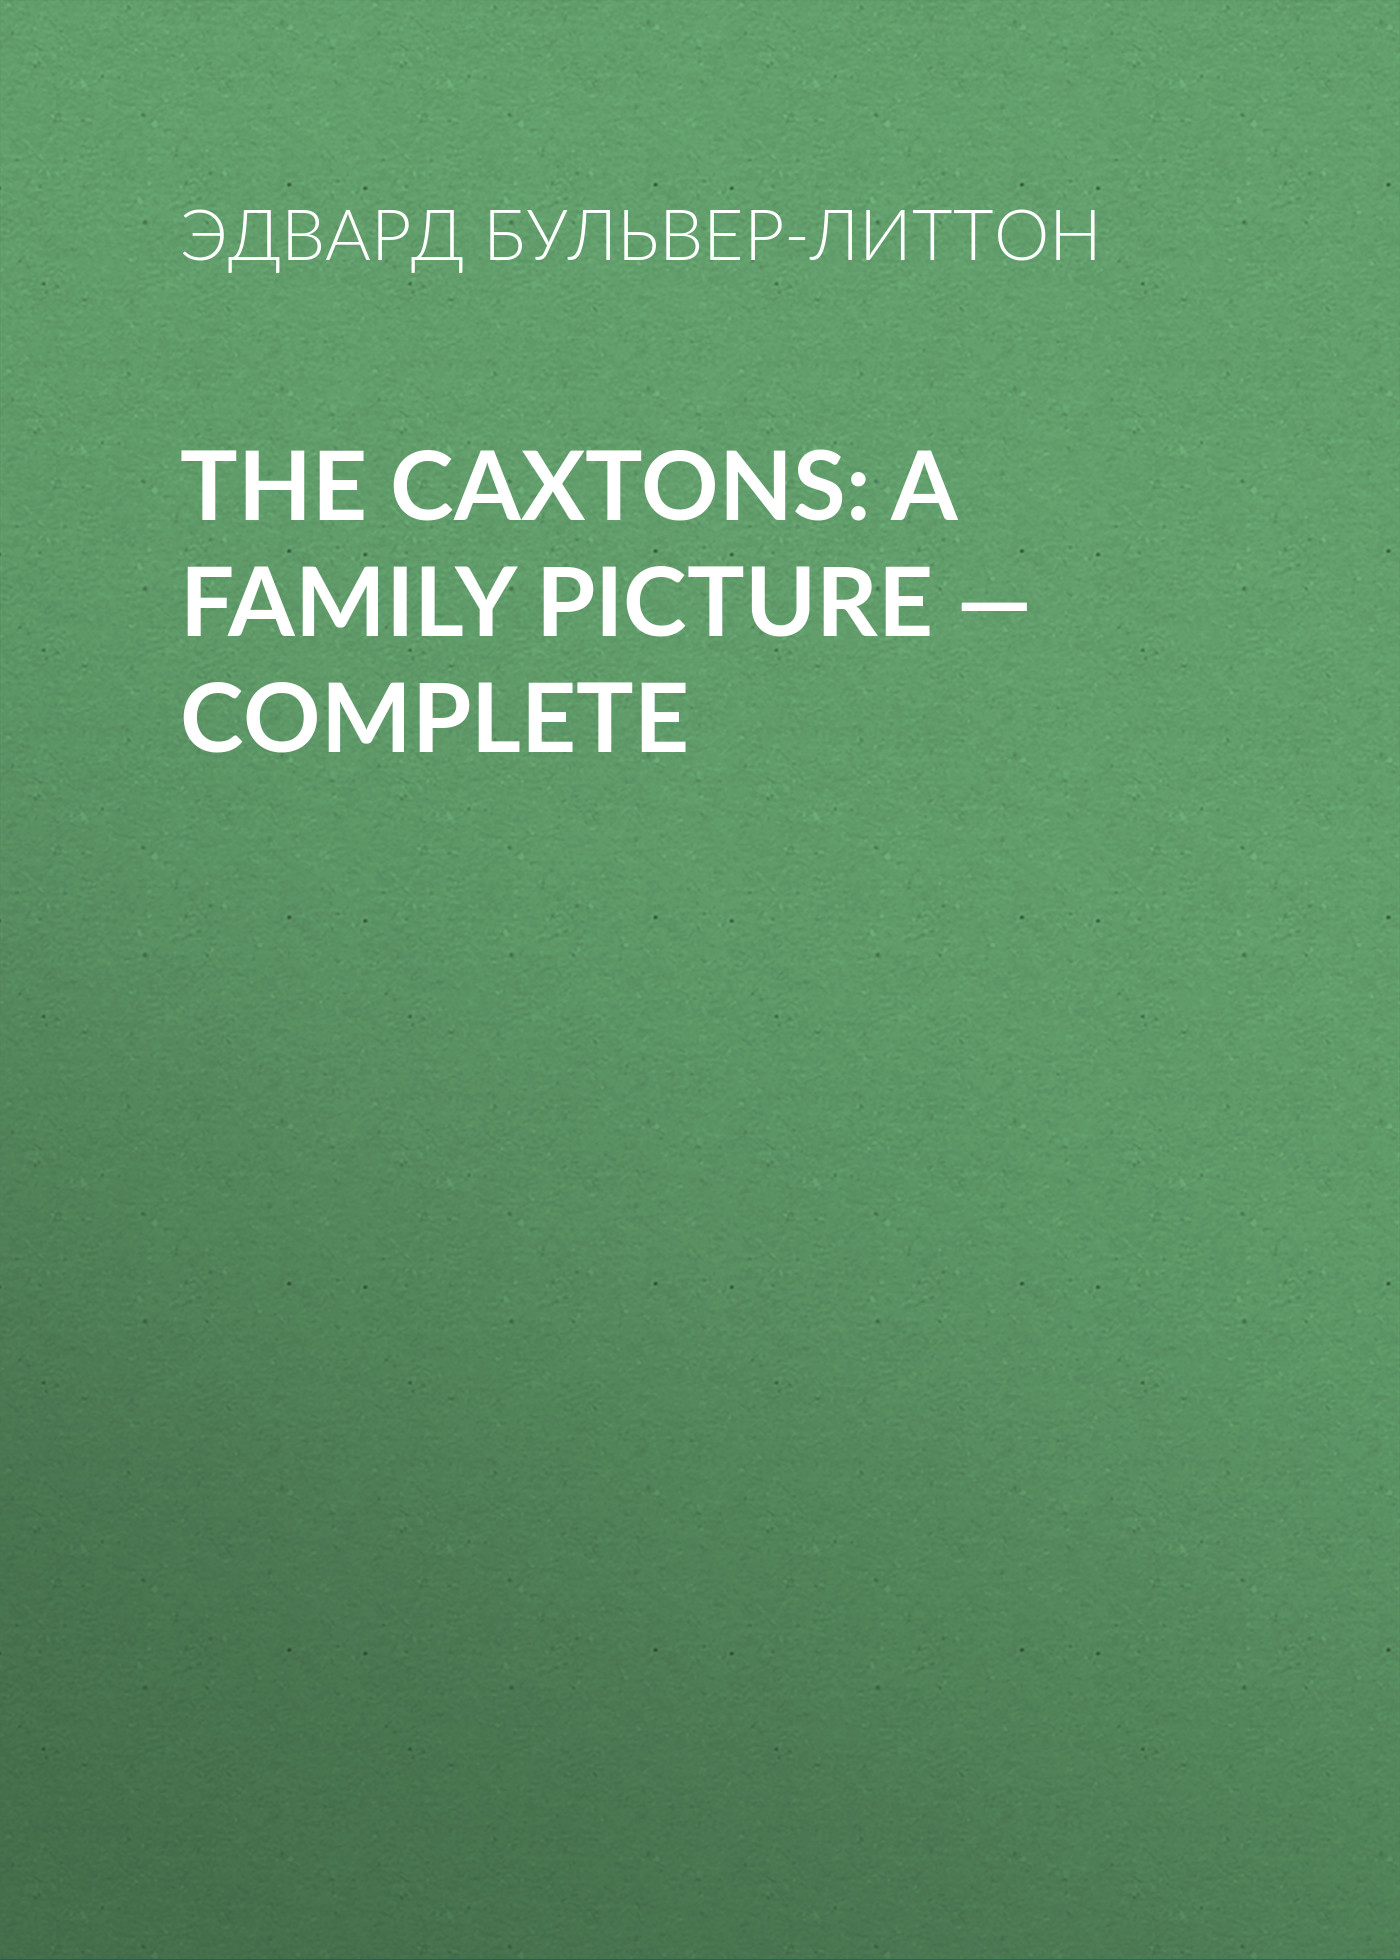 Эдвард Бульвер-Литтон The Caxtons: A Family Picture — Complete цена и фото